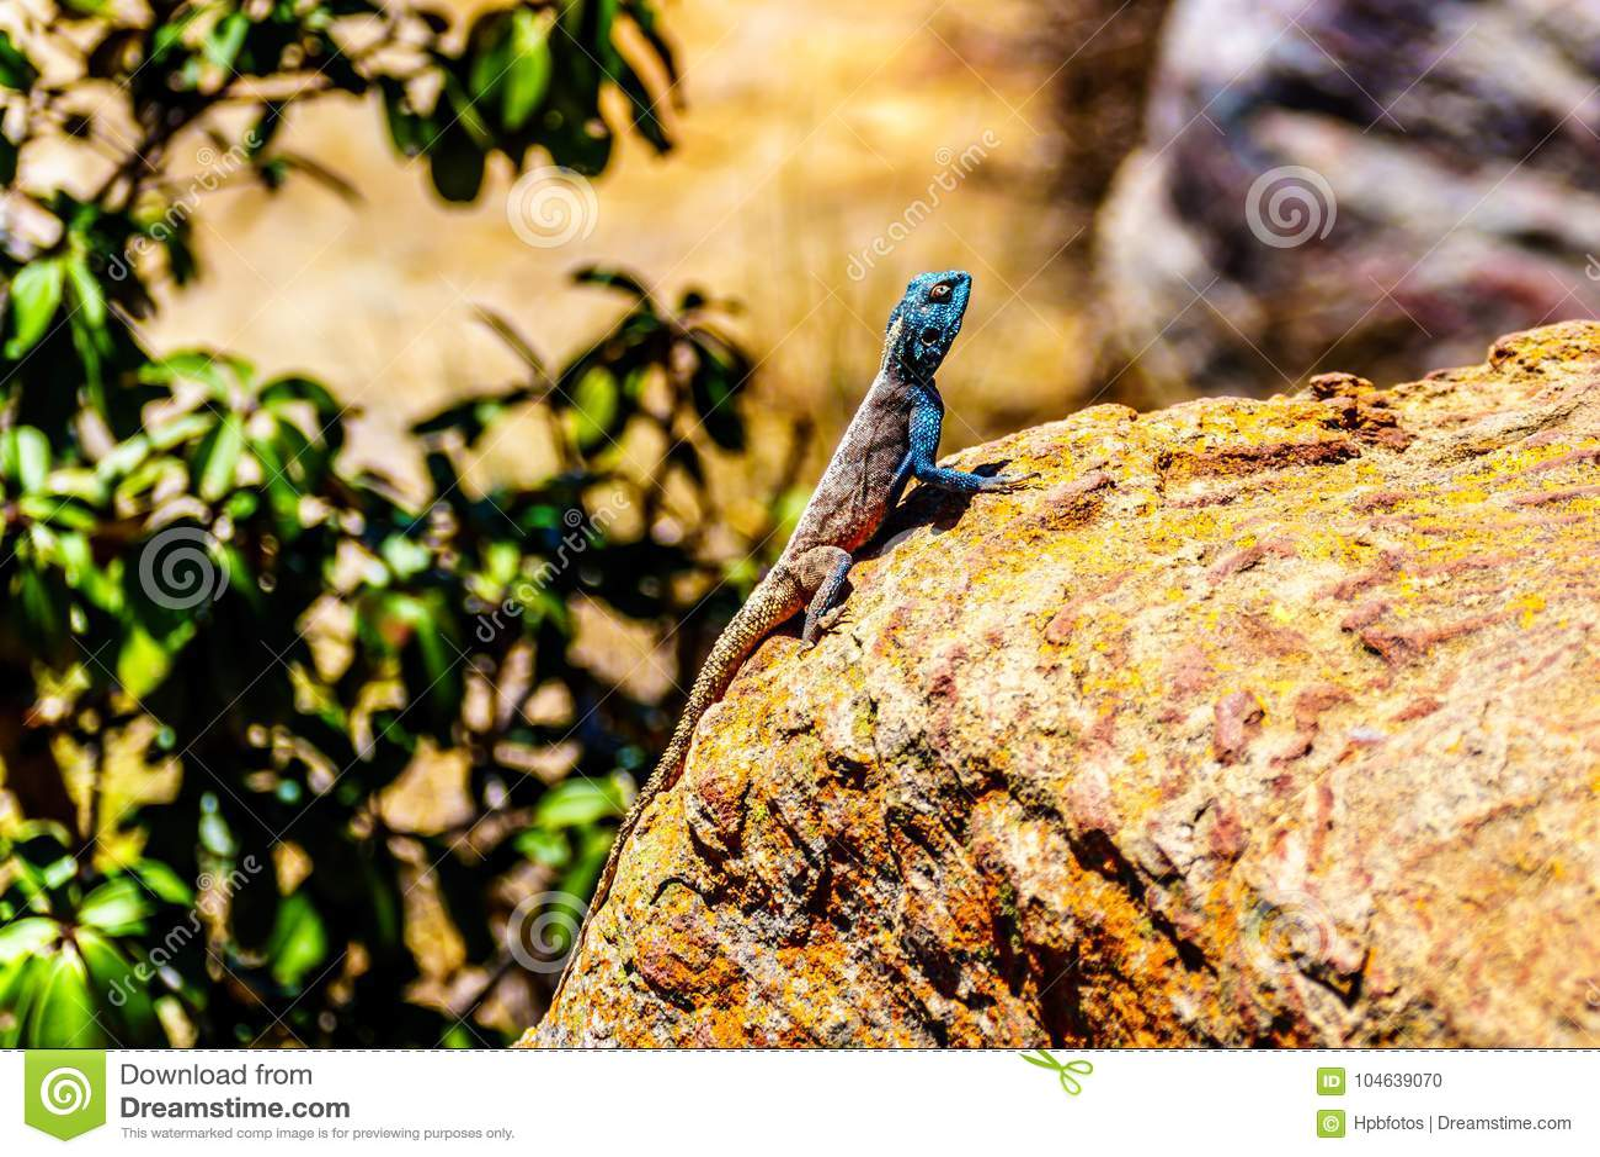 Download Zuidelijke Rotsagama Hagedis, Of Agama Atra Stock Foto - Afbeelding bestaande uit draak, lichaam: 104639070